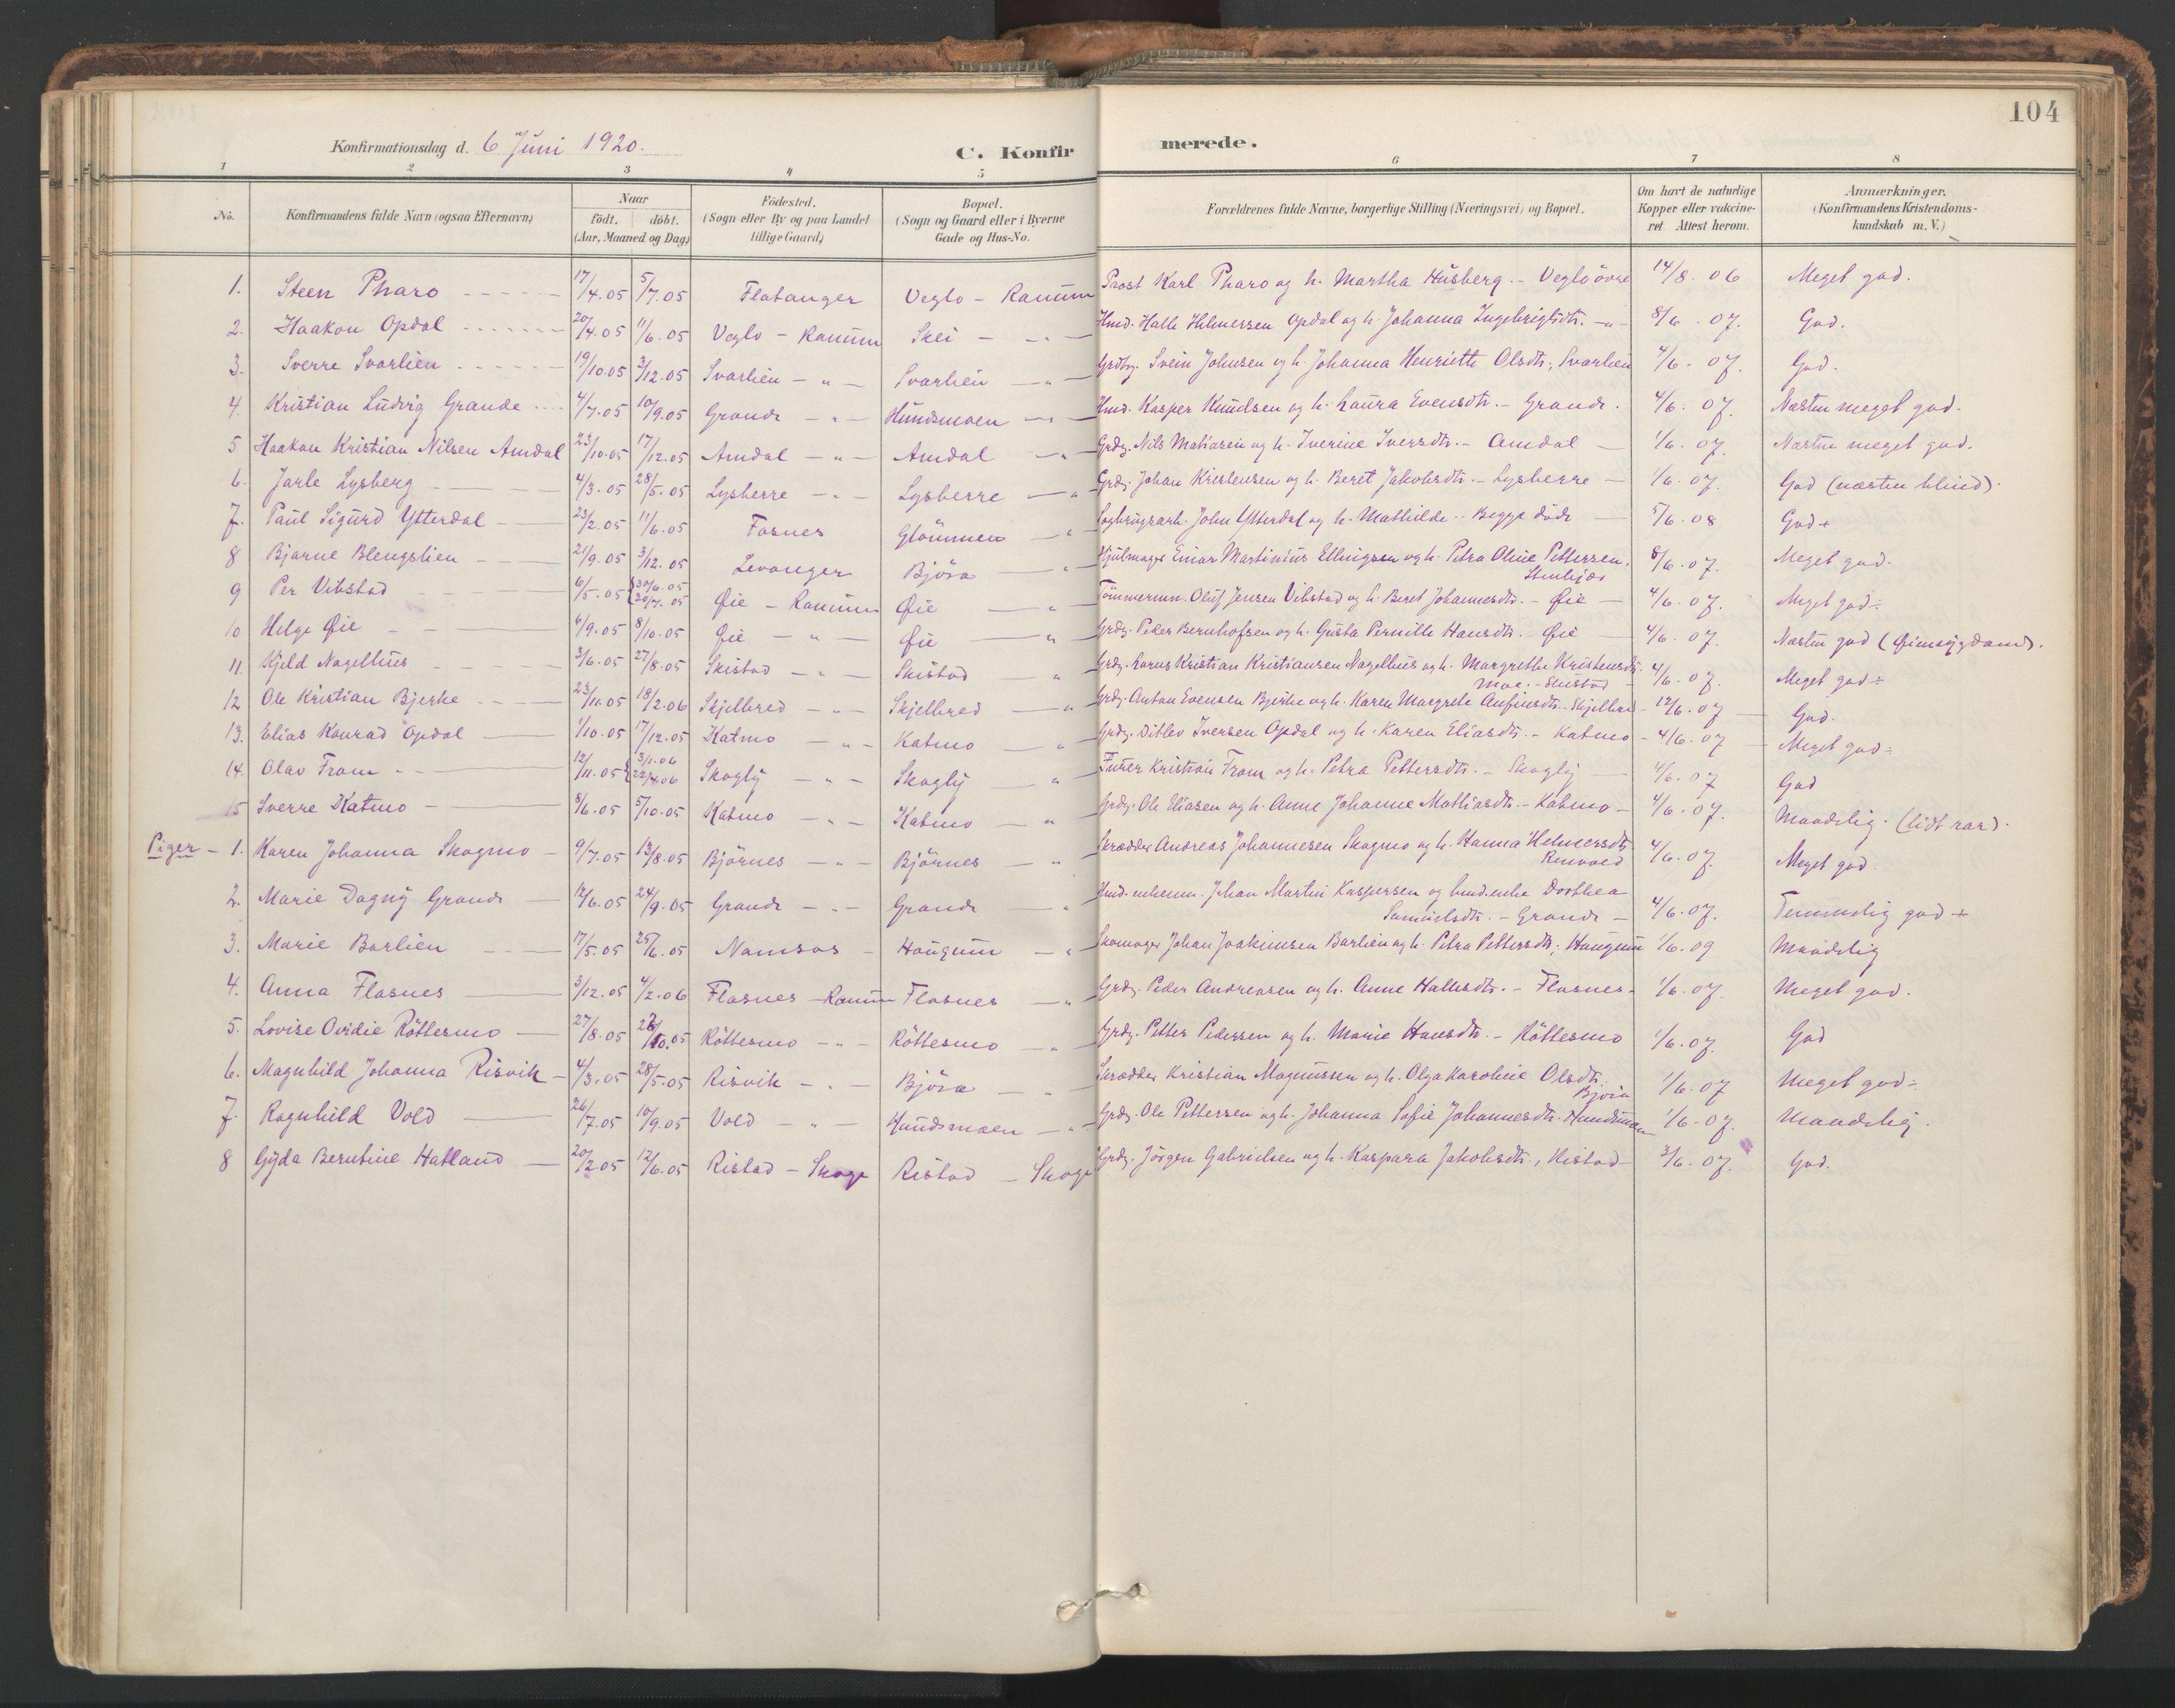 SAT, Ministerialprotokoller, klokkerbøker og fødselsregistre - Nord-Trøndelag, 764/L0556: Ministerialbok nr. 764A11, 1897-1924, s. 104